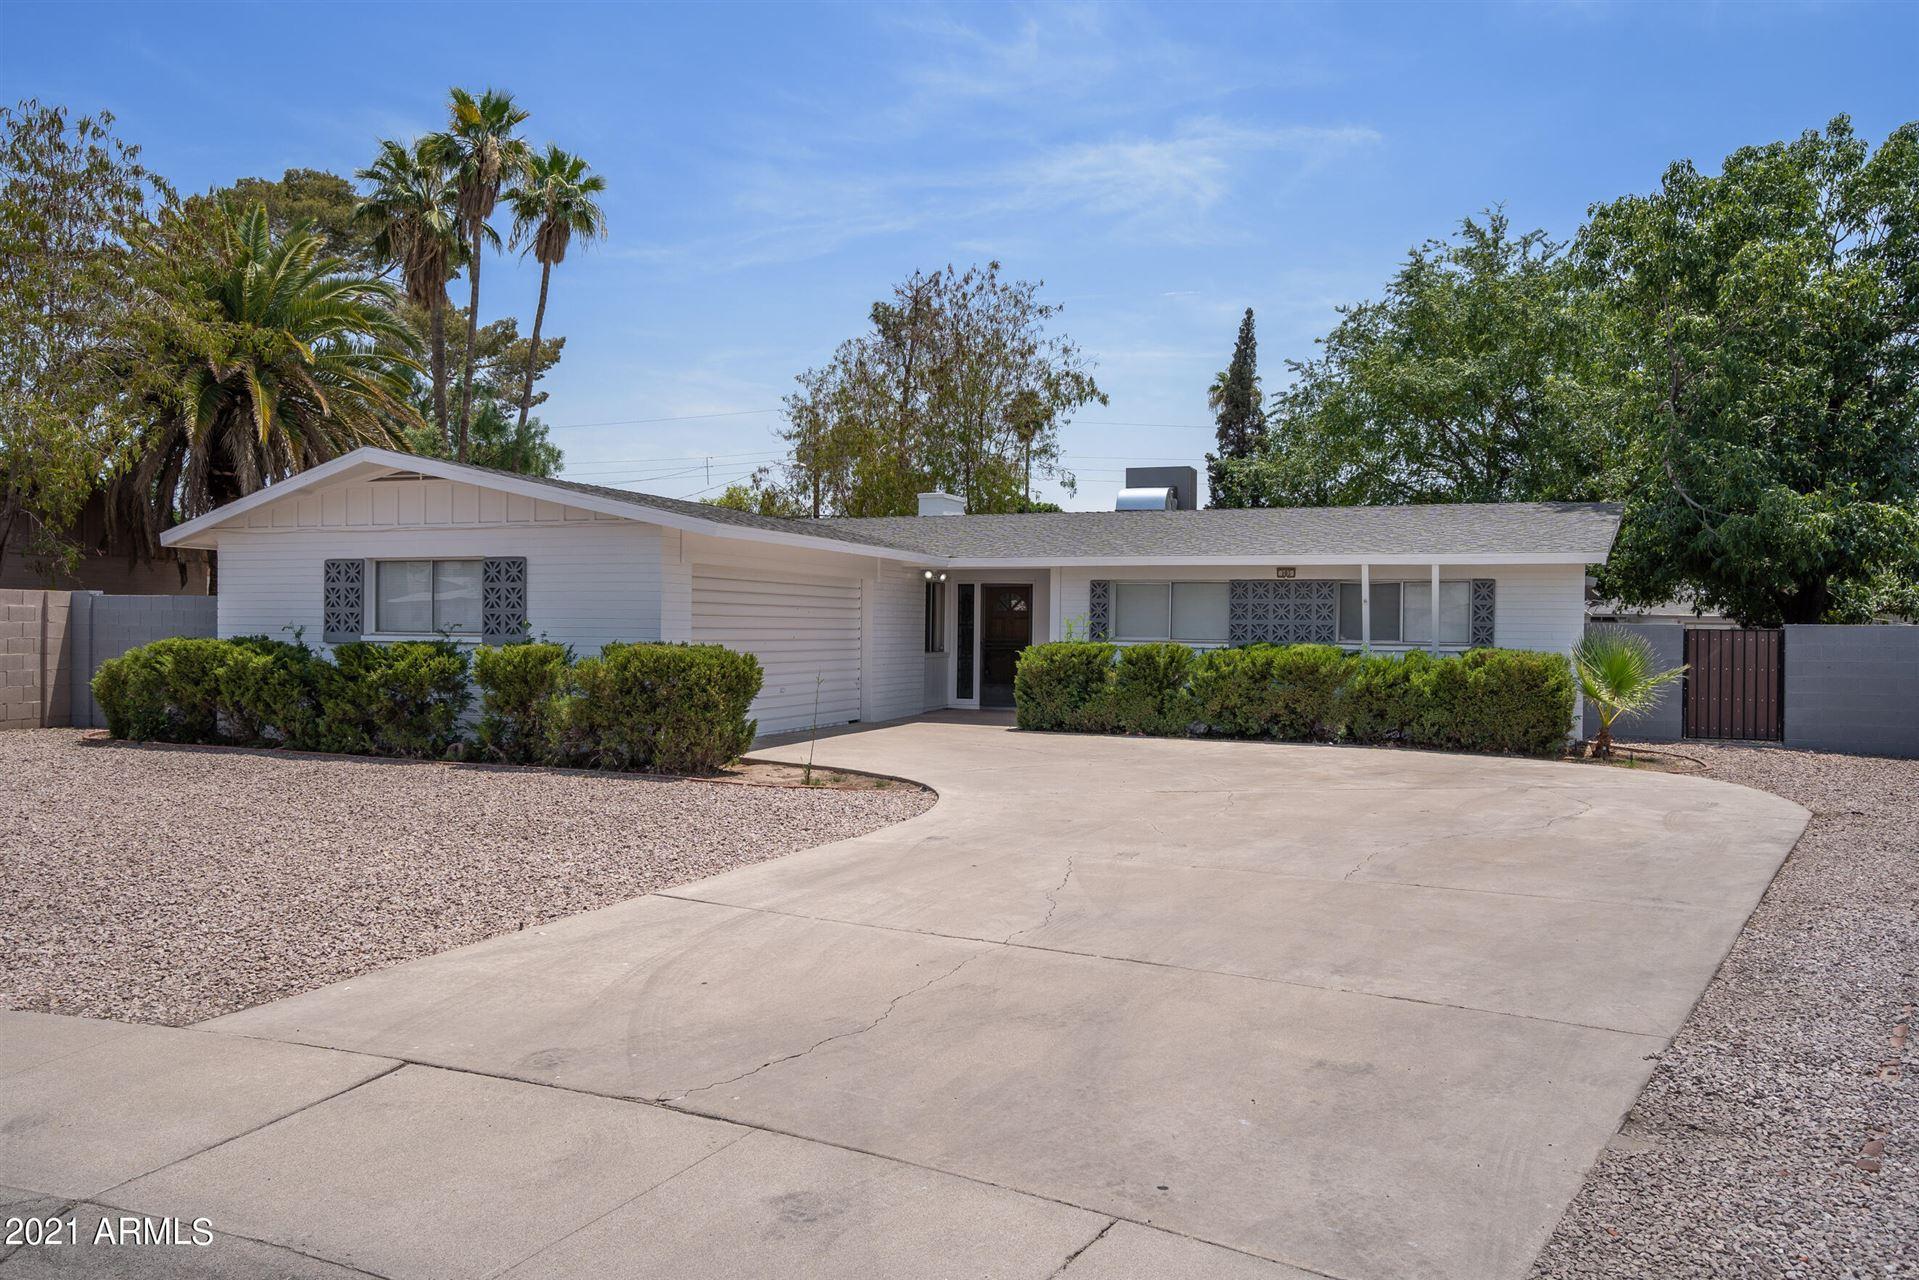 103 E MINTON Drive, Tempe, AZ 85282 - MLS#: 6251924